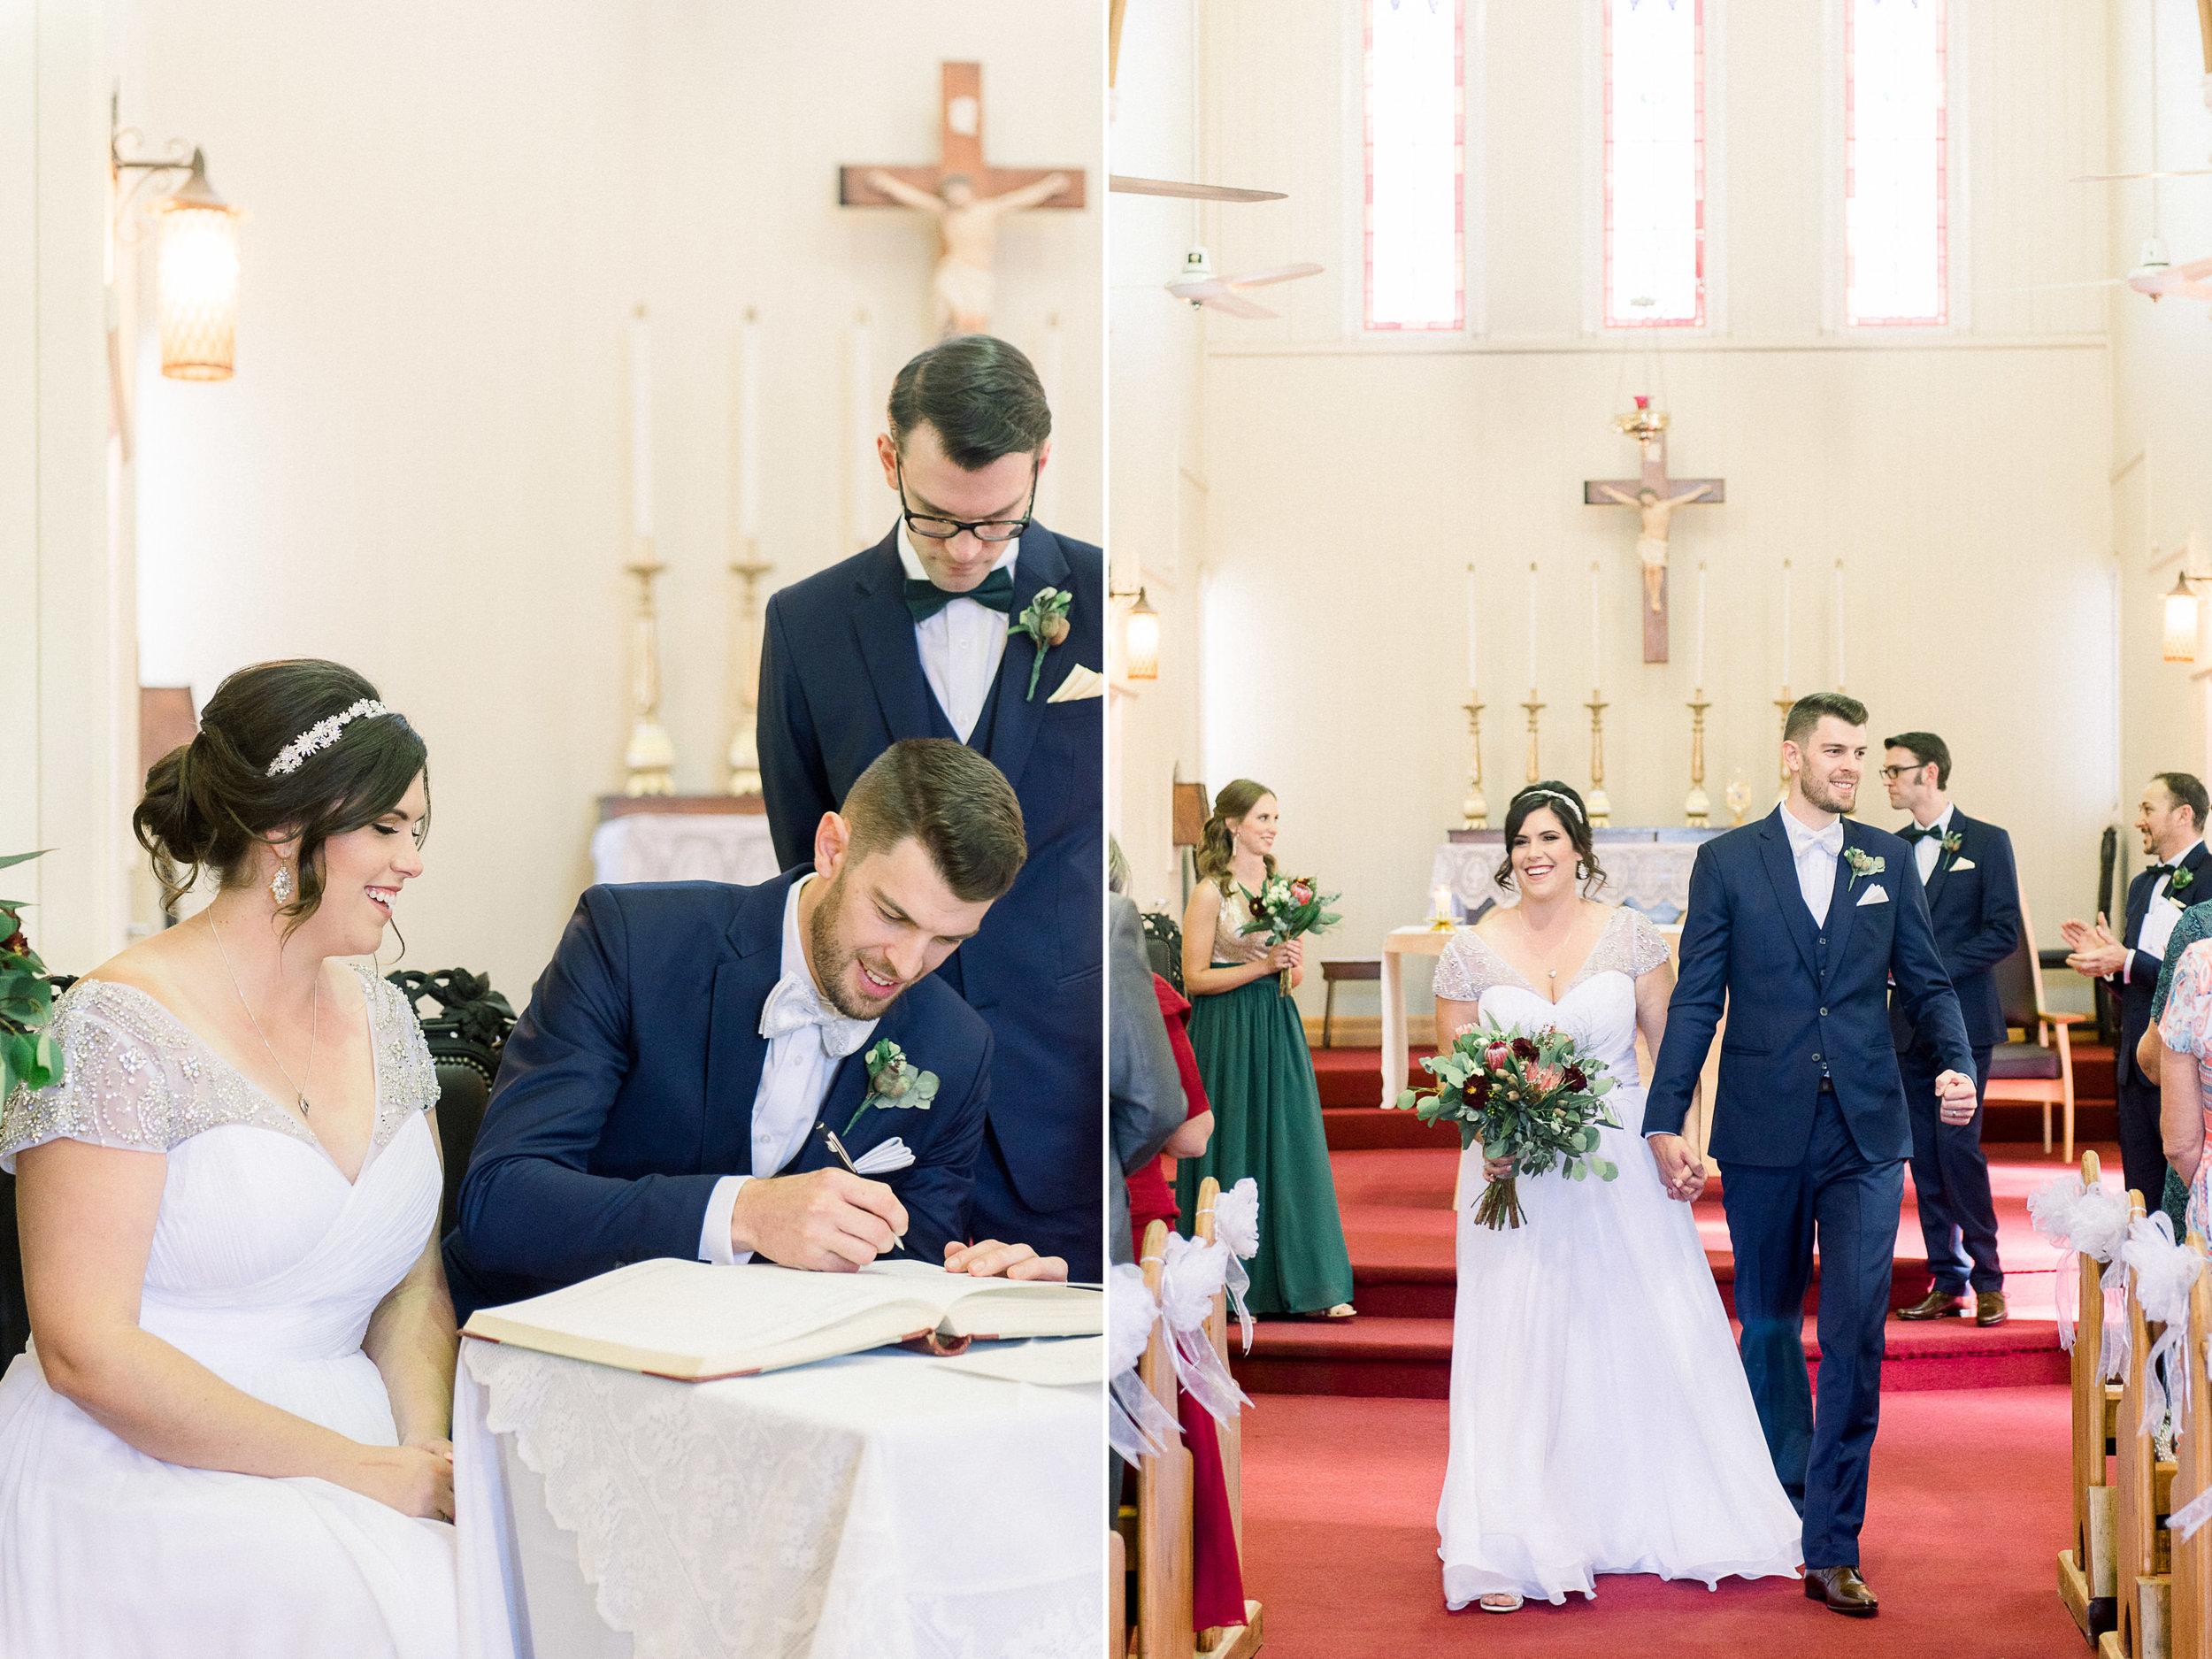 brisbane-city-wedding-photography-church-wedding-7.jpg